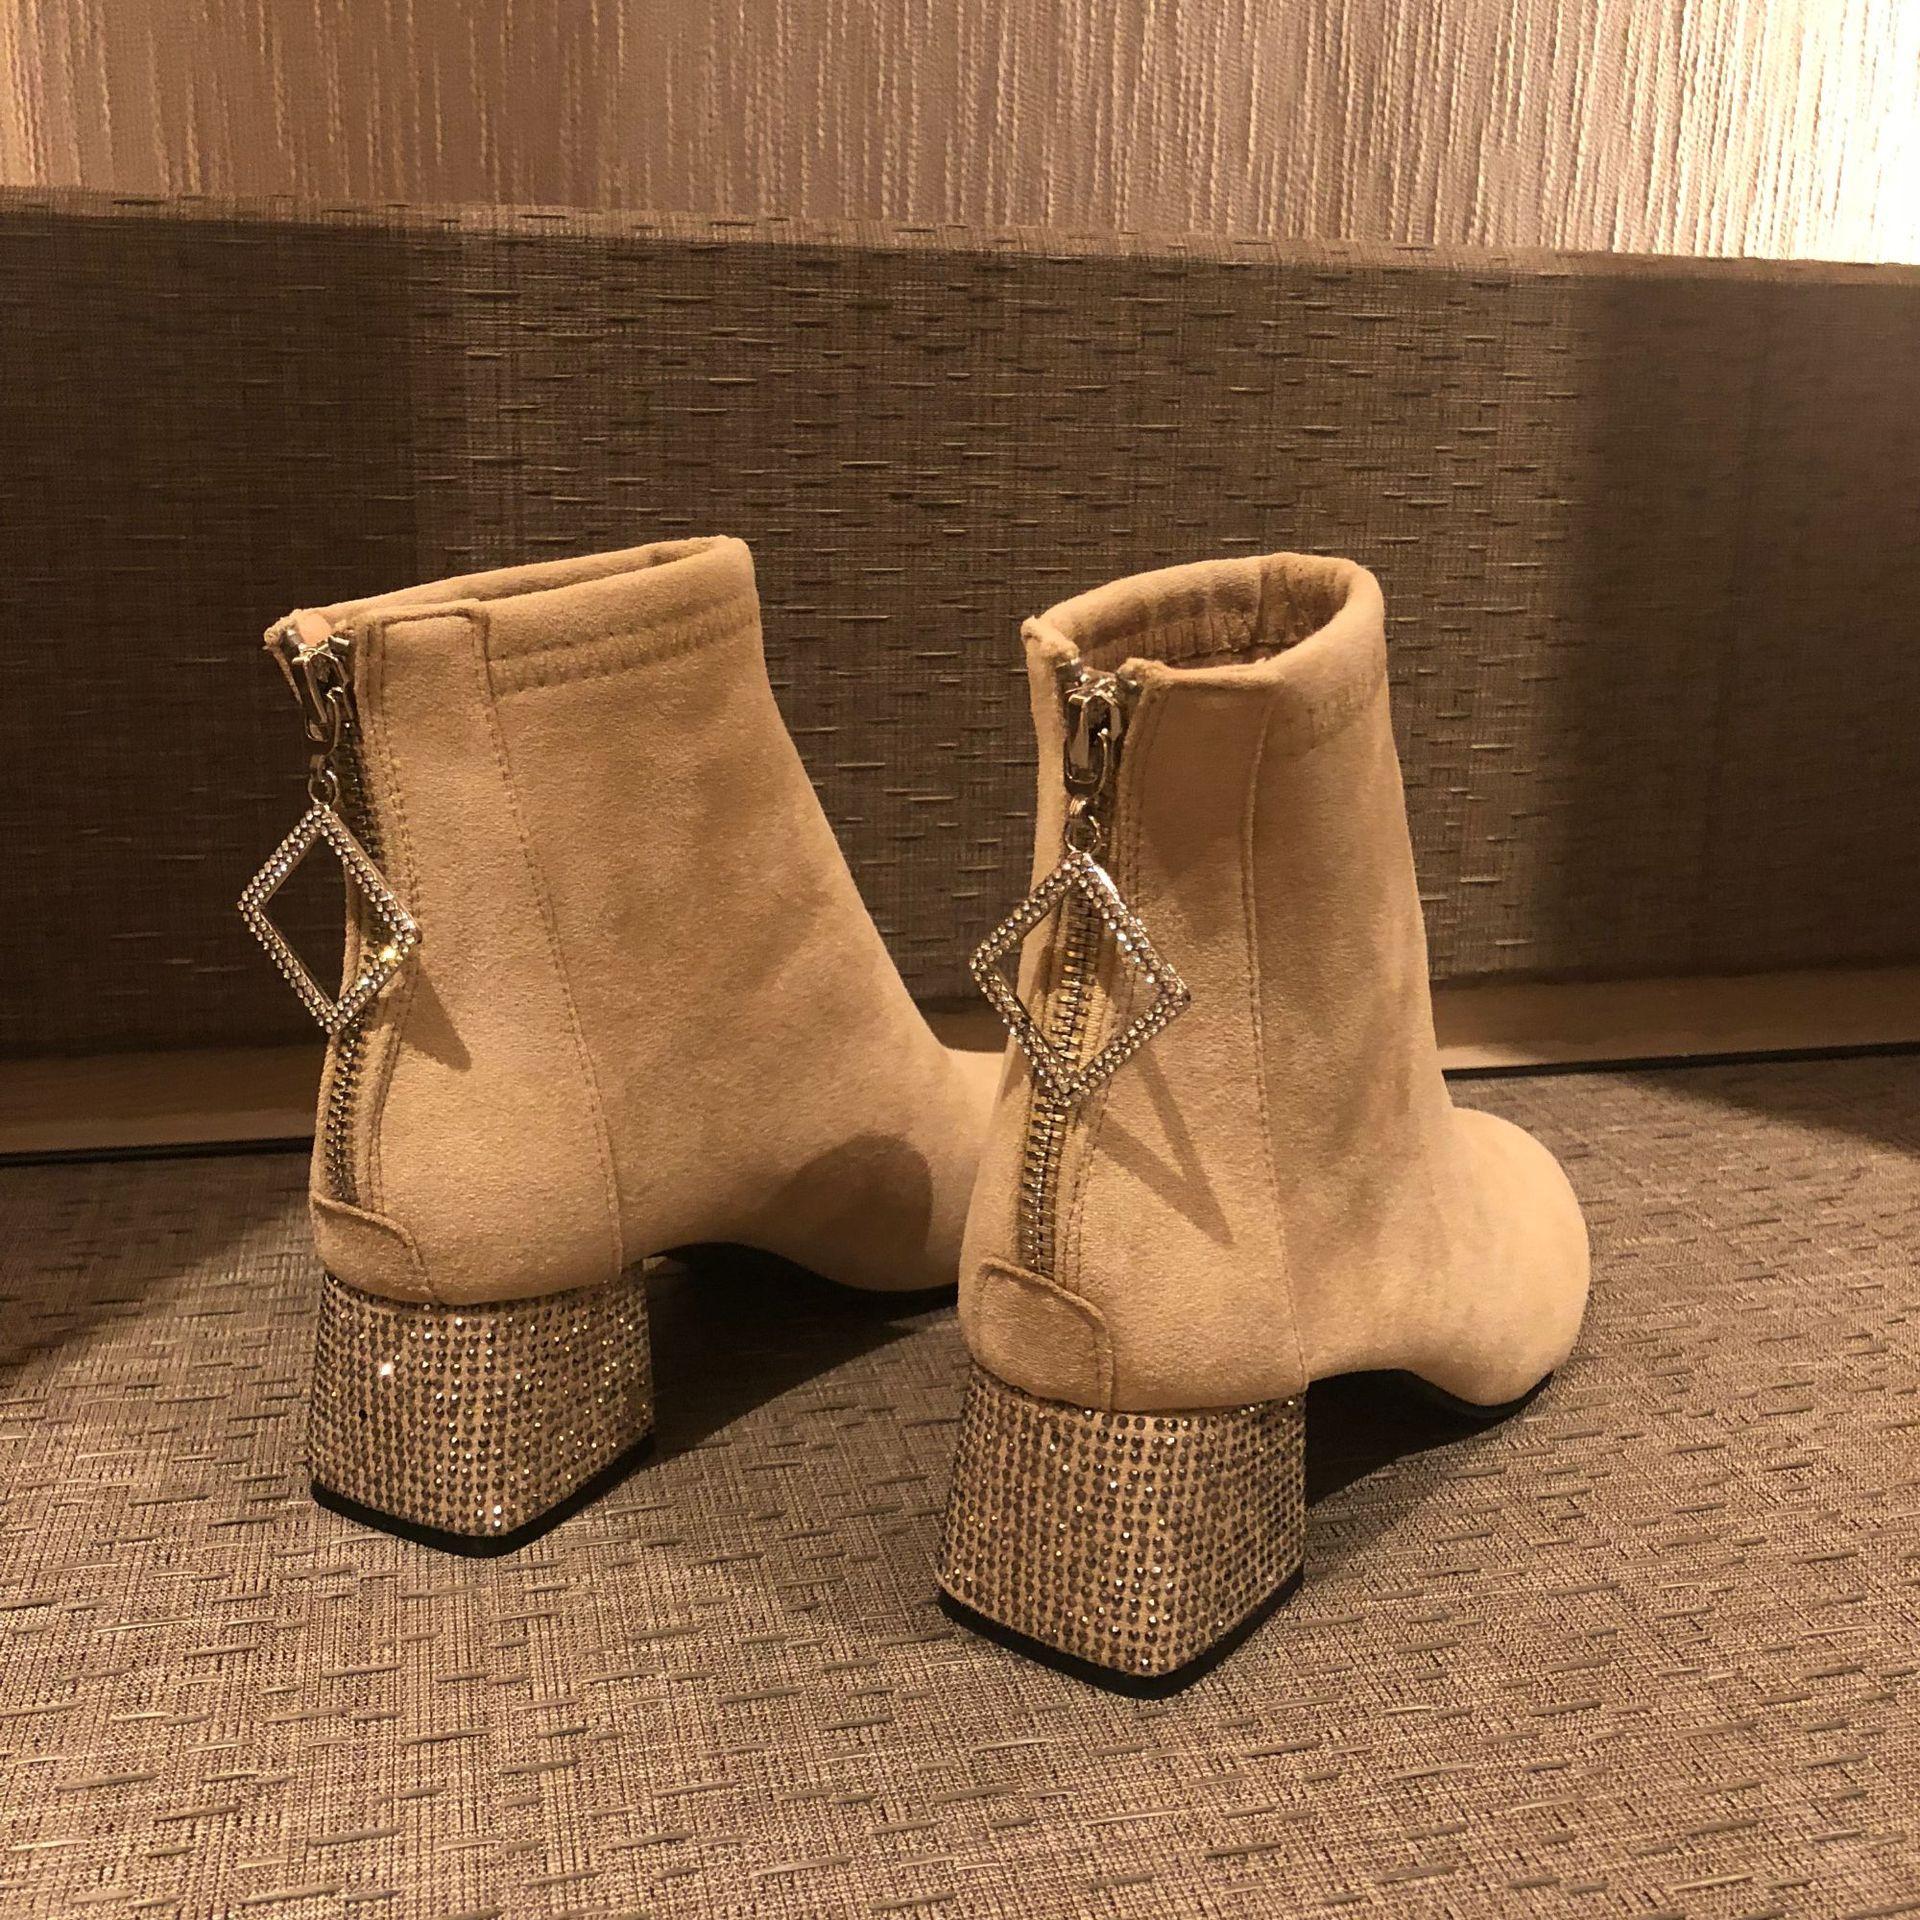 4347 Flock Bottes À Hauts Cheville Dames 2018 Femmes Parti Automne Talons Zipper Strass 3539 Chaussures Épais Taille FlTKJ31c